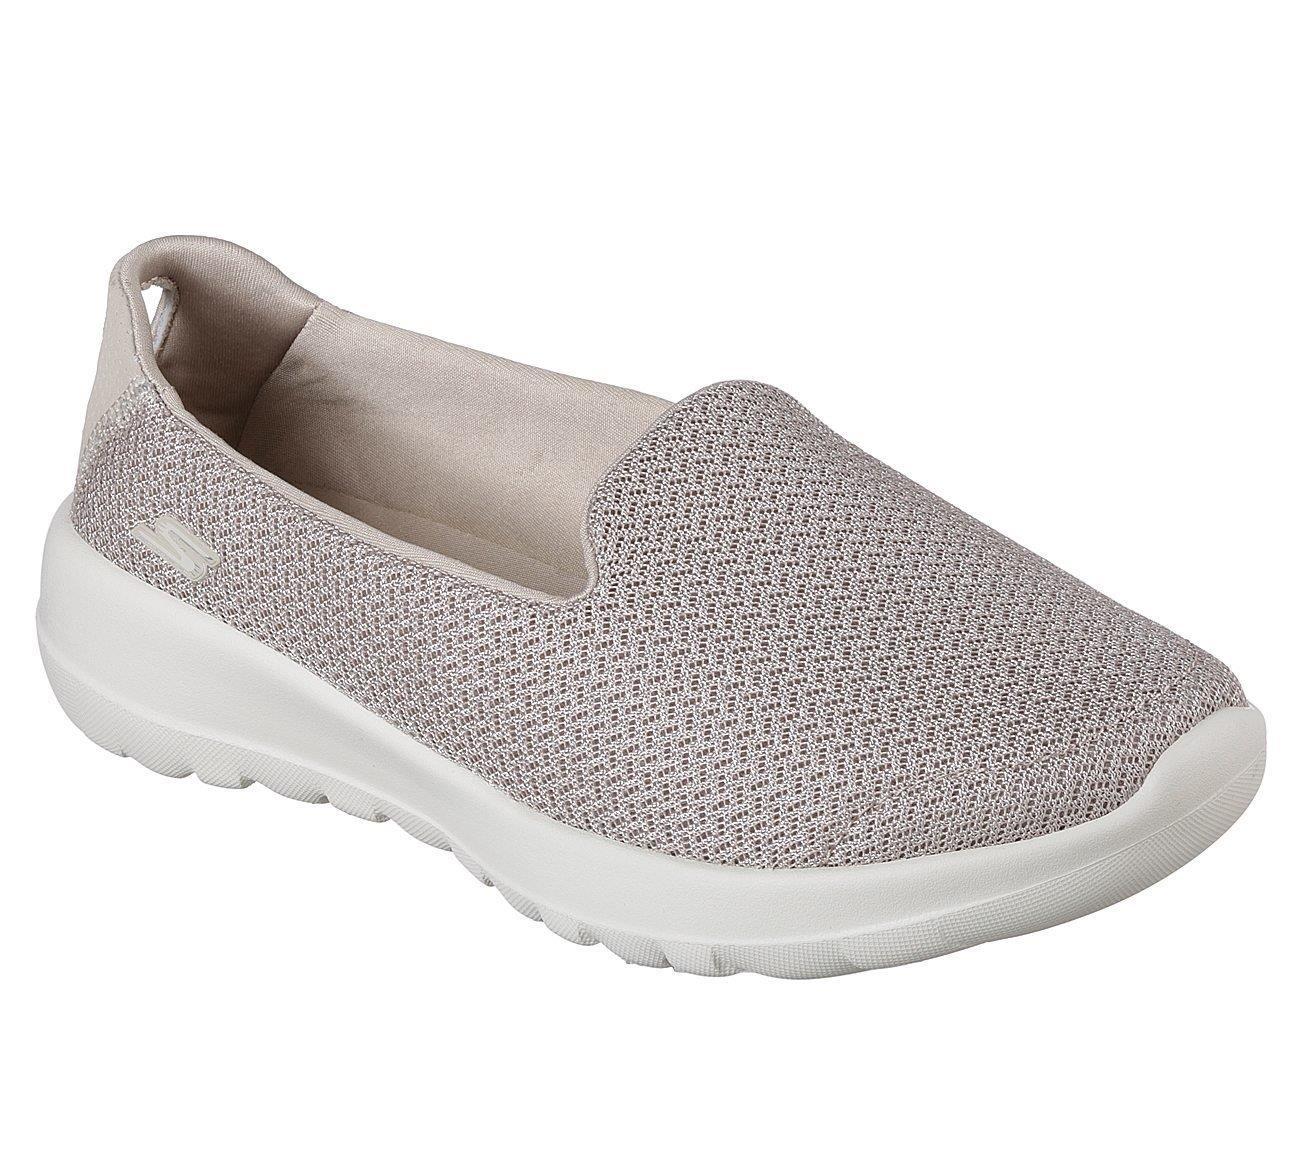 Skechers Go Walk Joy - Splendid Kadın Ayakkabı Bej SKC15648 TPE